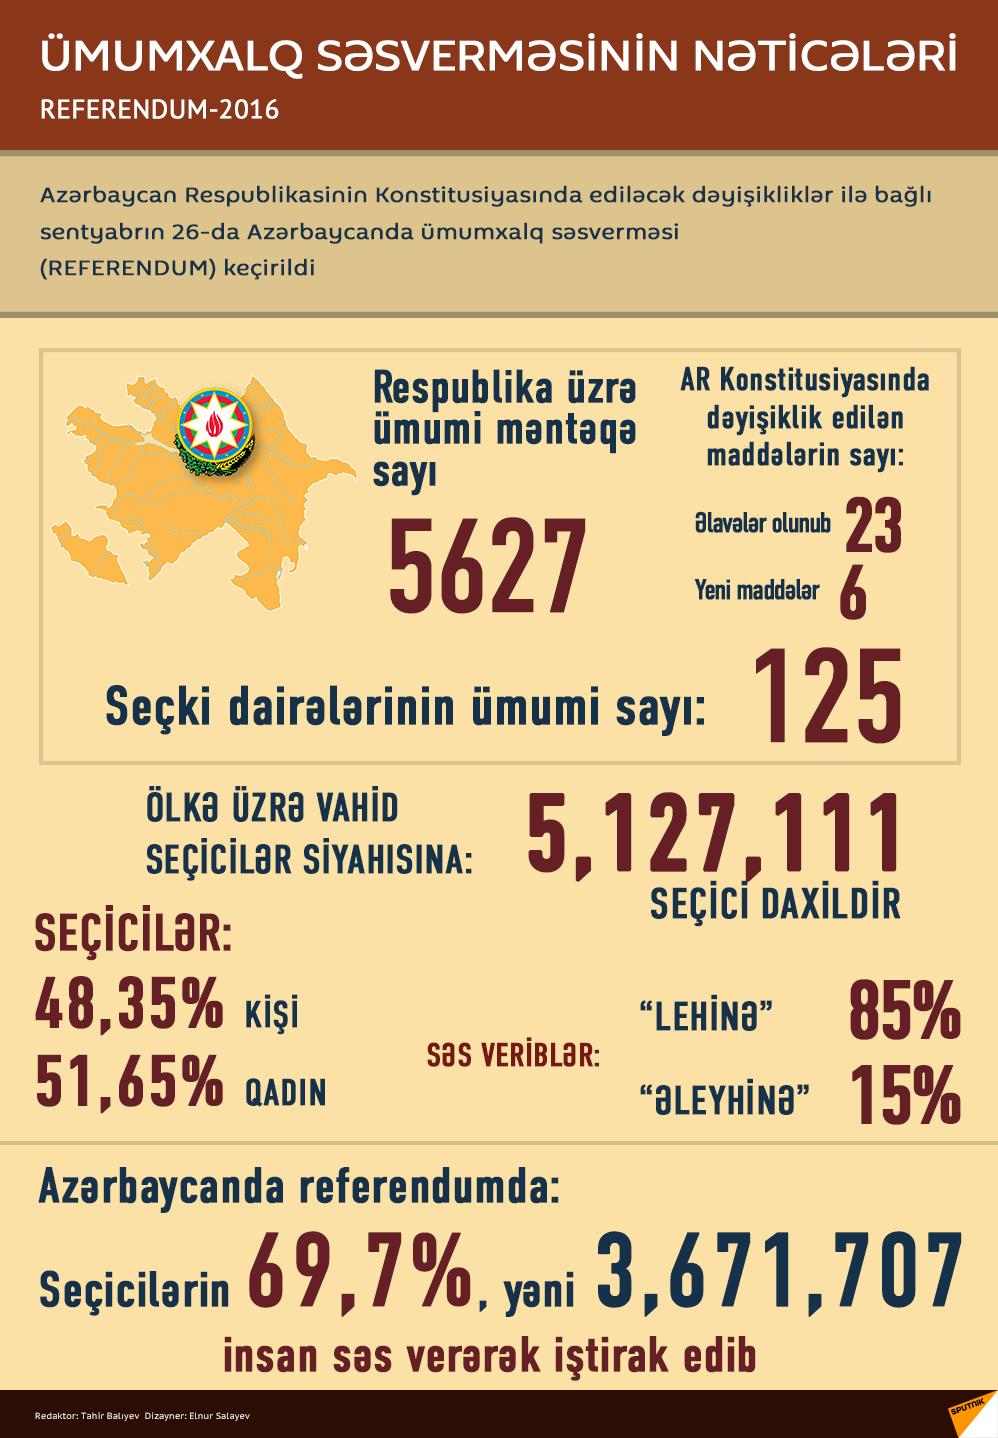 Referendumun yekun nəticələri açıqlanıb